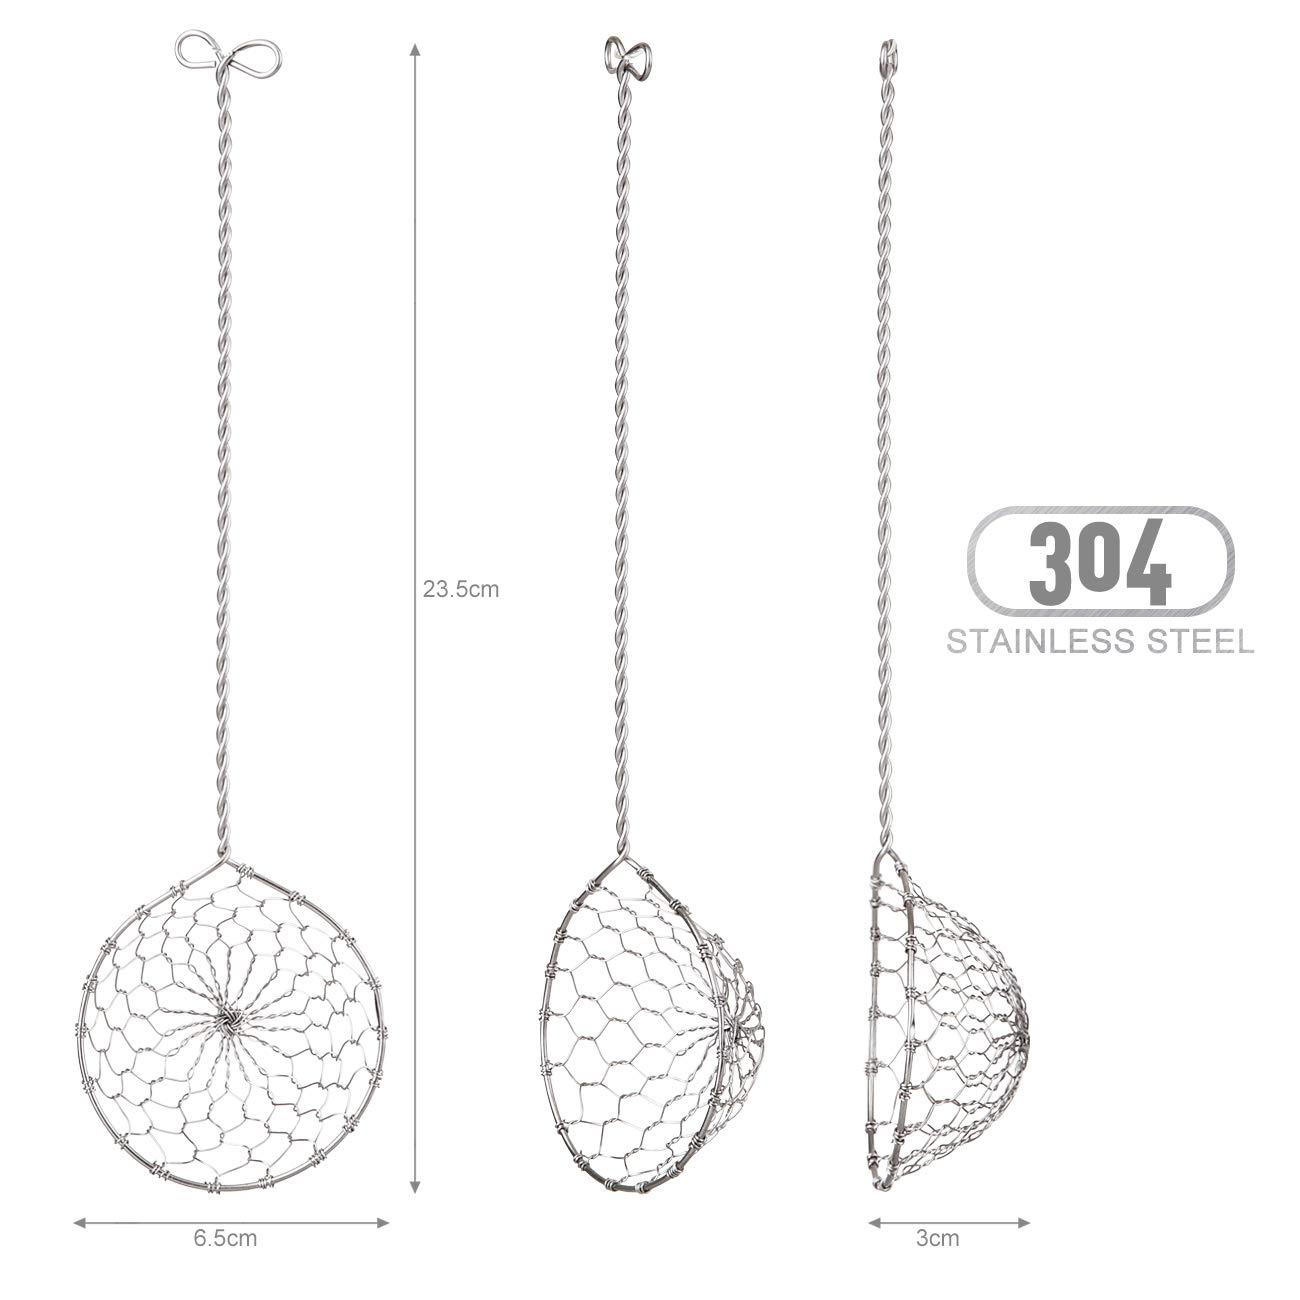 23.5x6.5 cm GWHOLE Set of 4 Stainless Steel Fondue Sieves Kitchen Skimmer